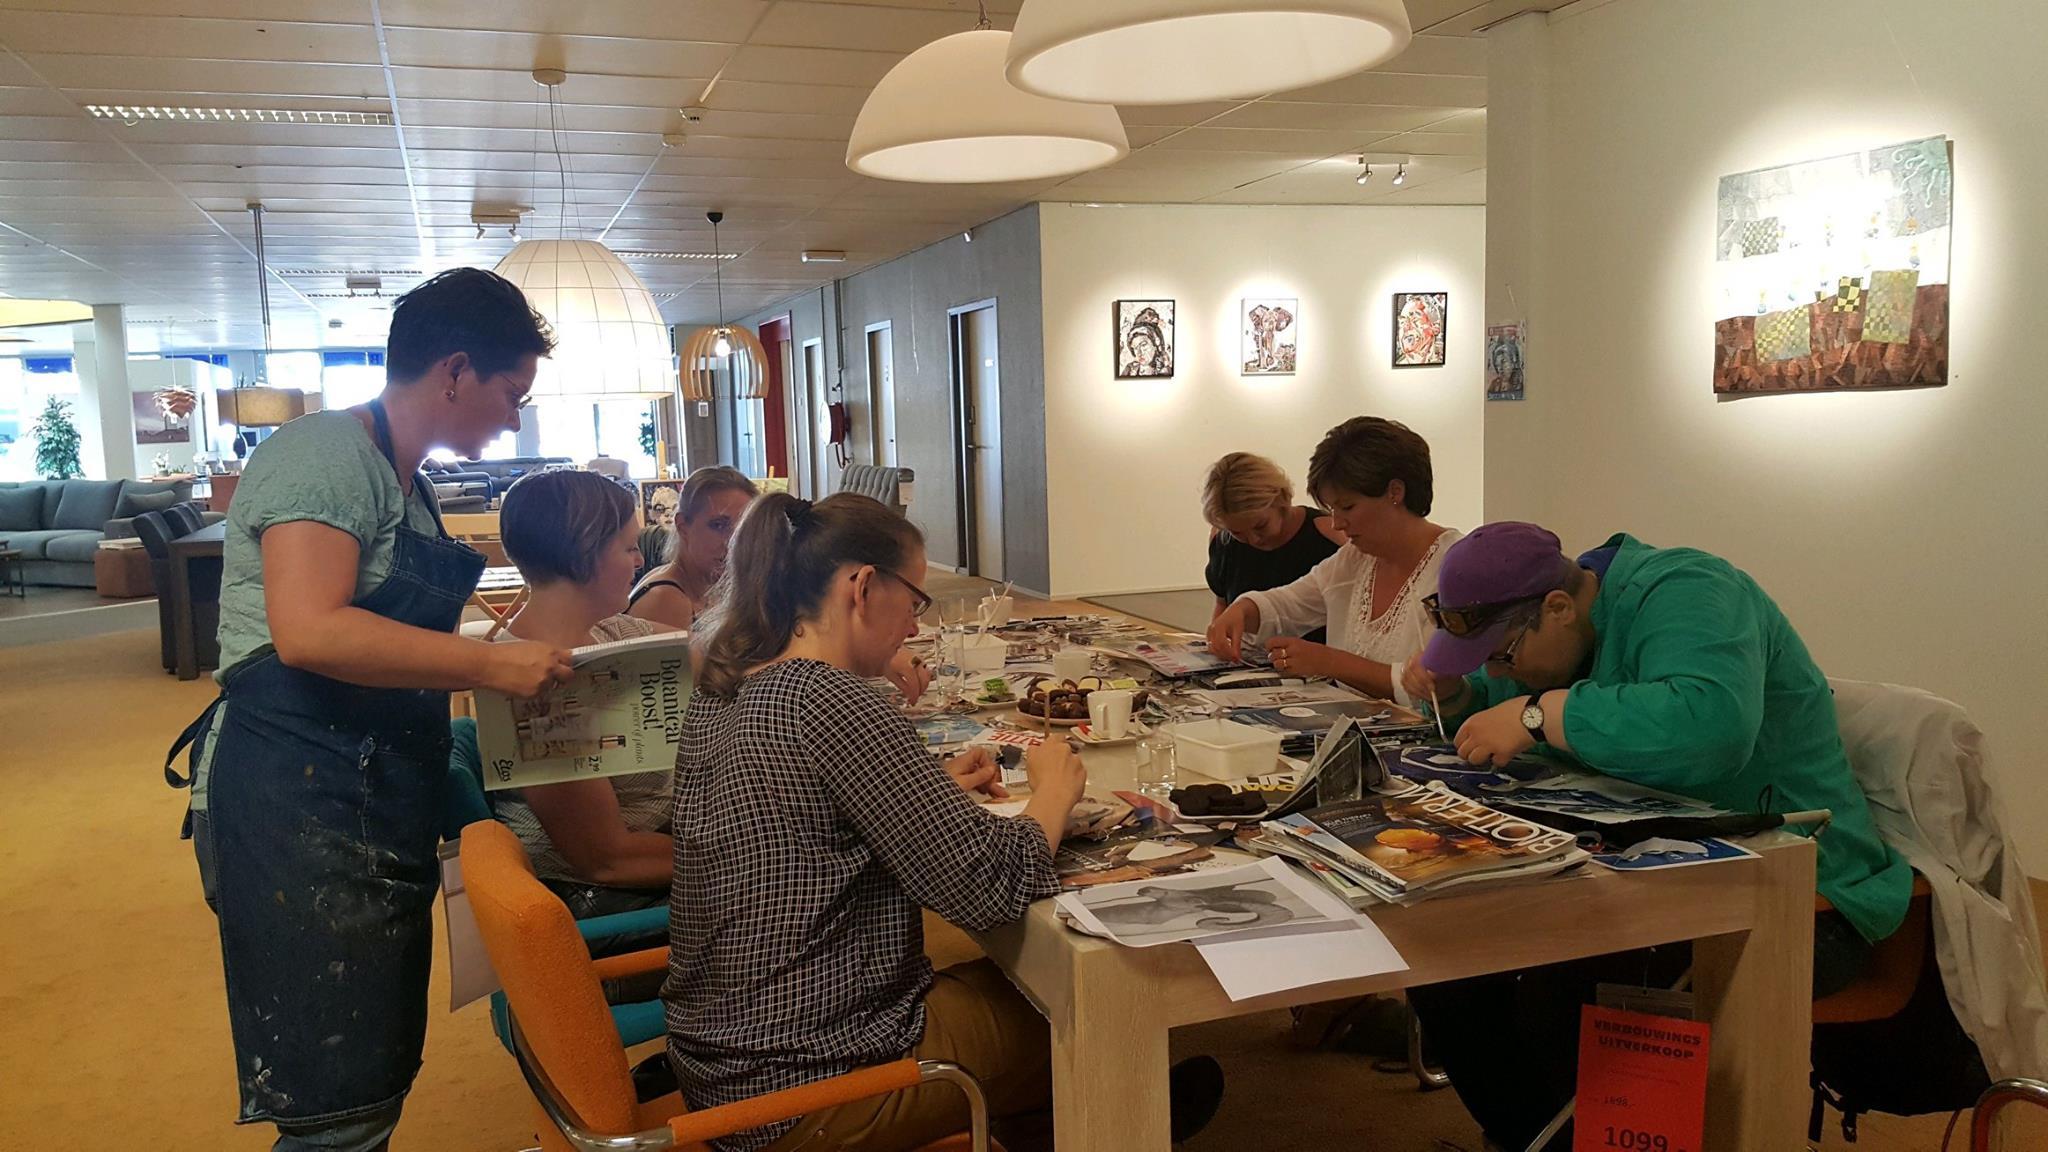 Workshop 'Collage maken' bij woonwinkel Baalbergen